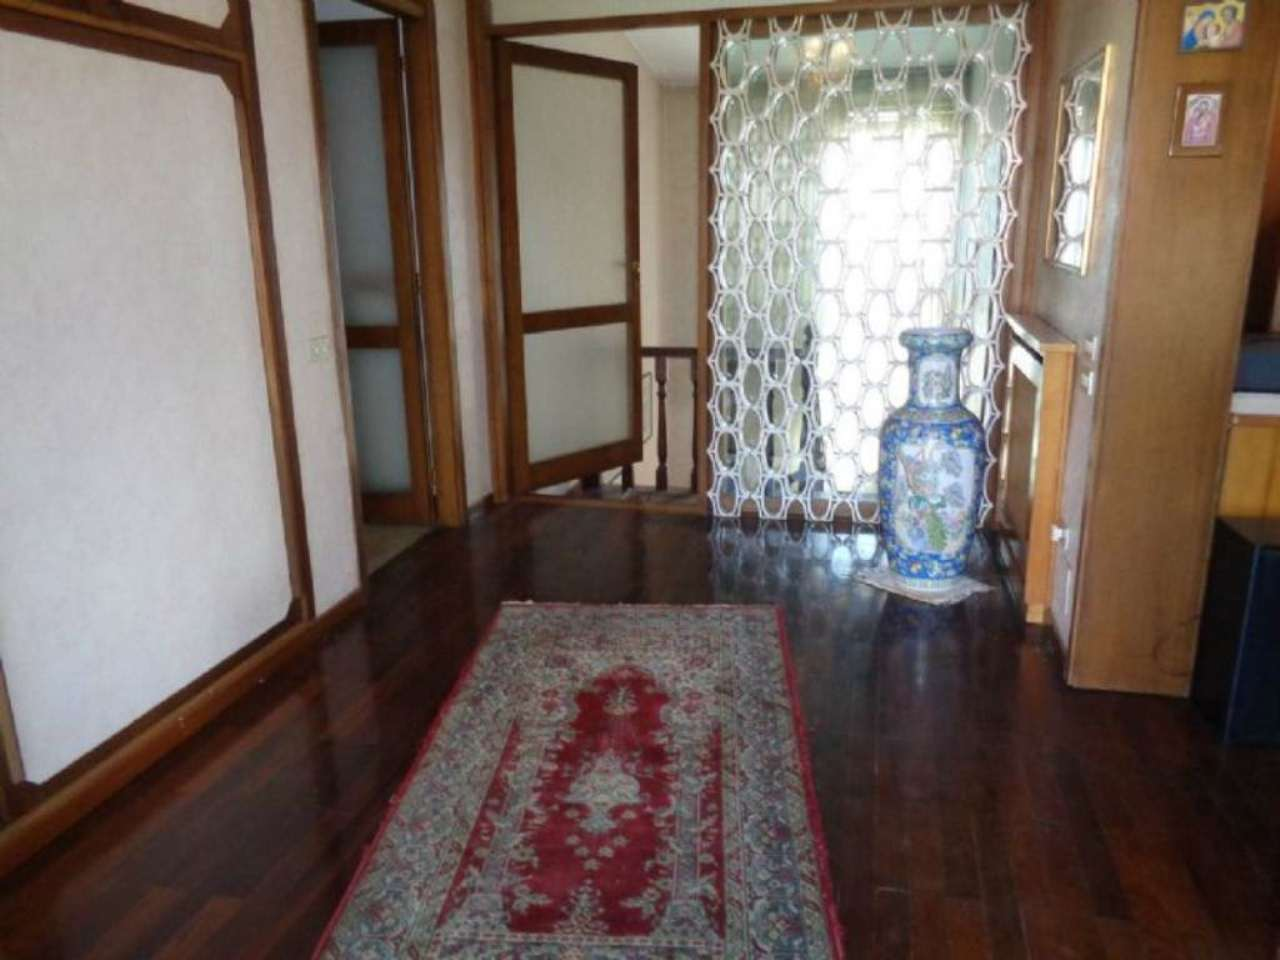 Soluzione Indipendente in vendita a Castiglione Olona, 5 locali, prezzo € 400.000 | Cambio Casa.it